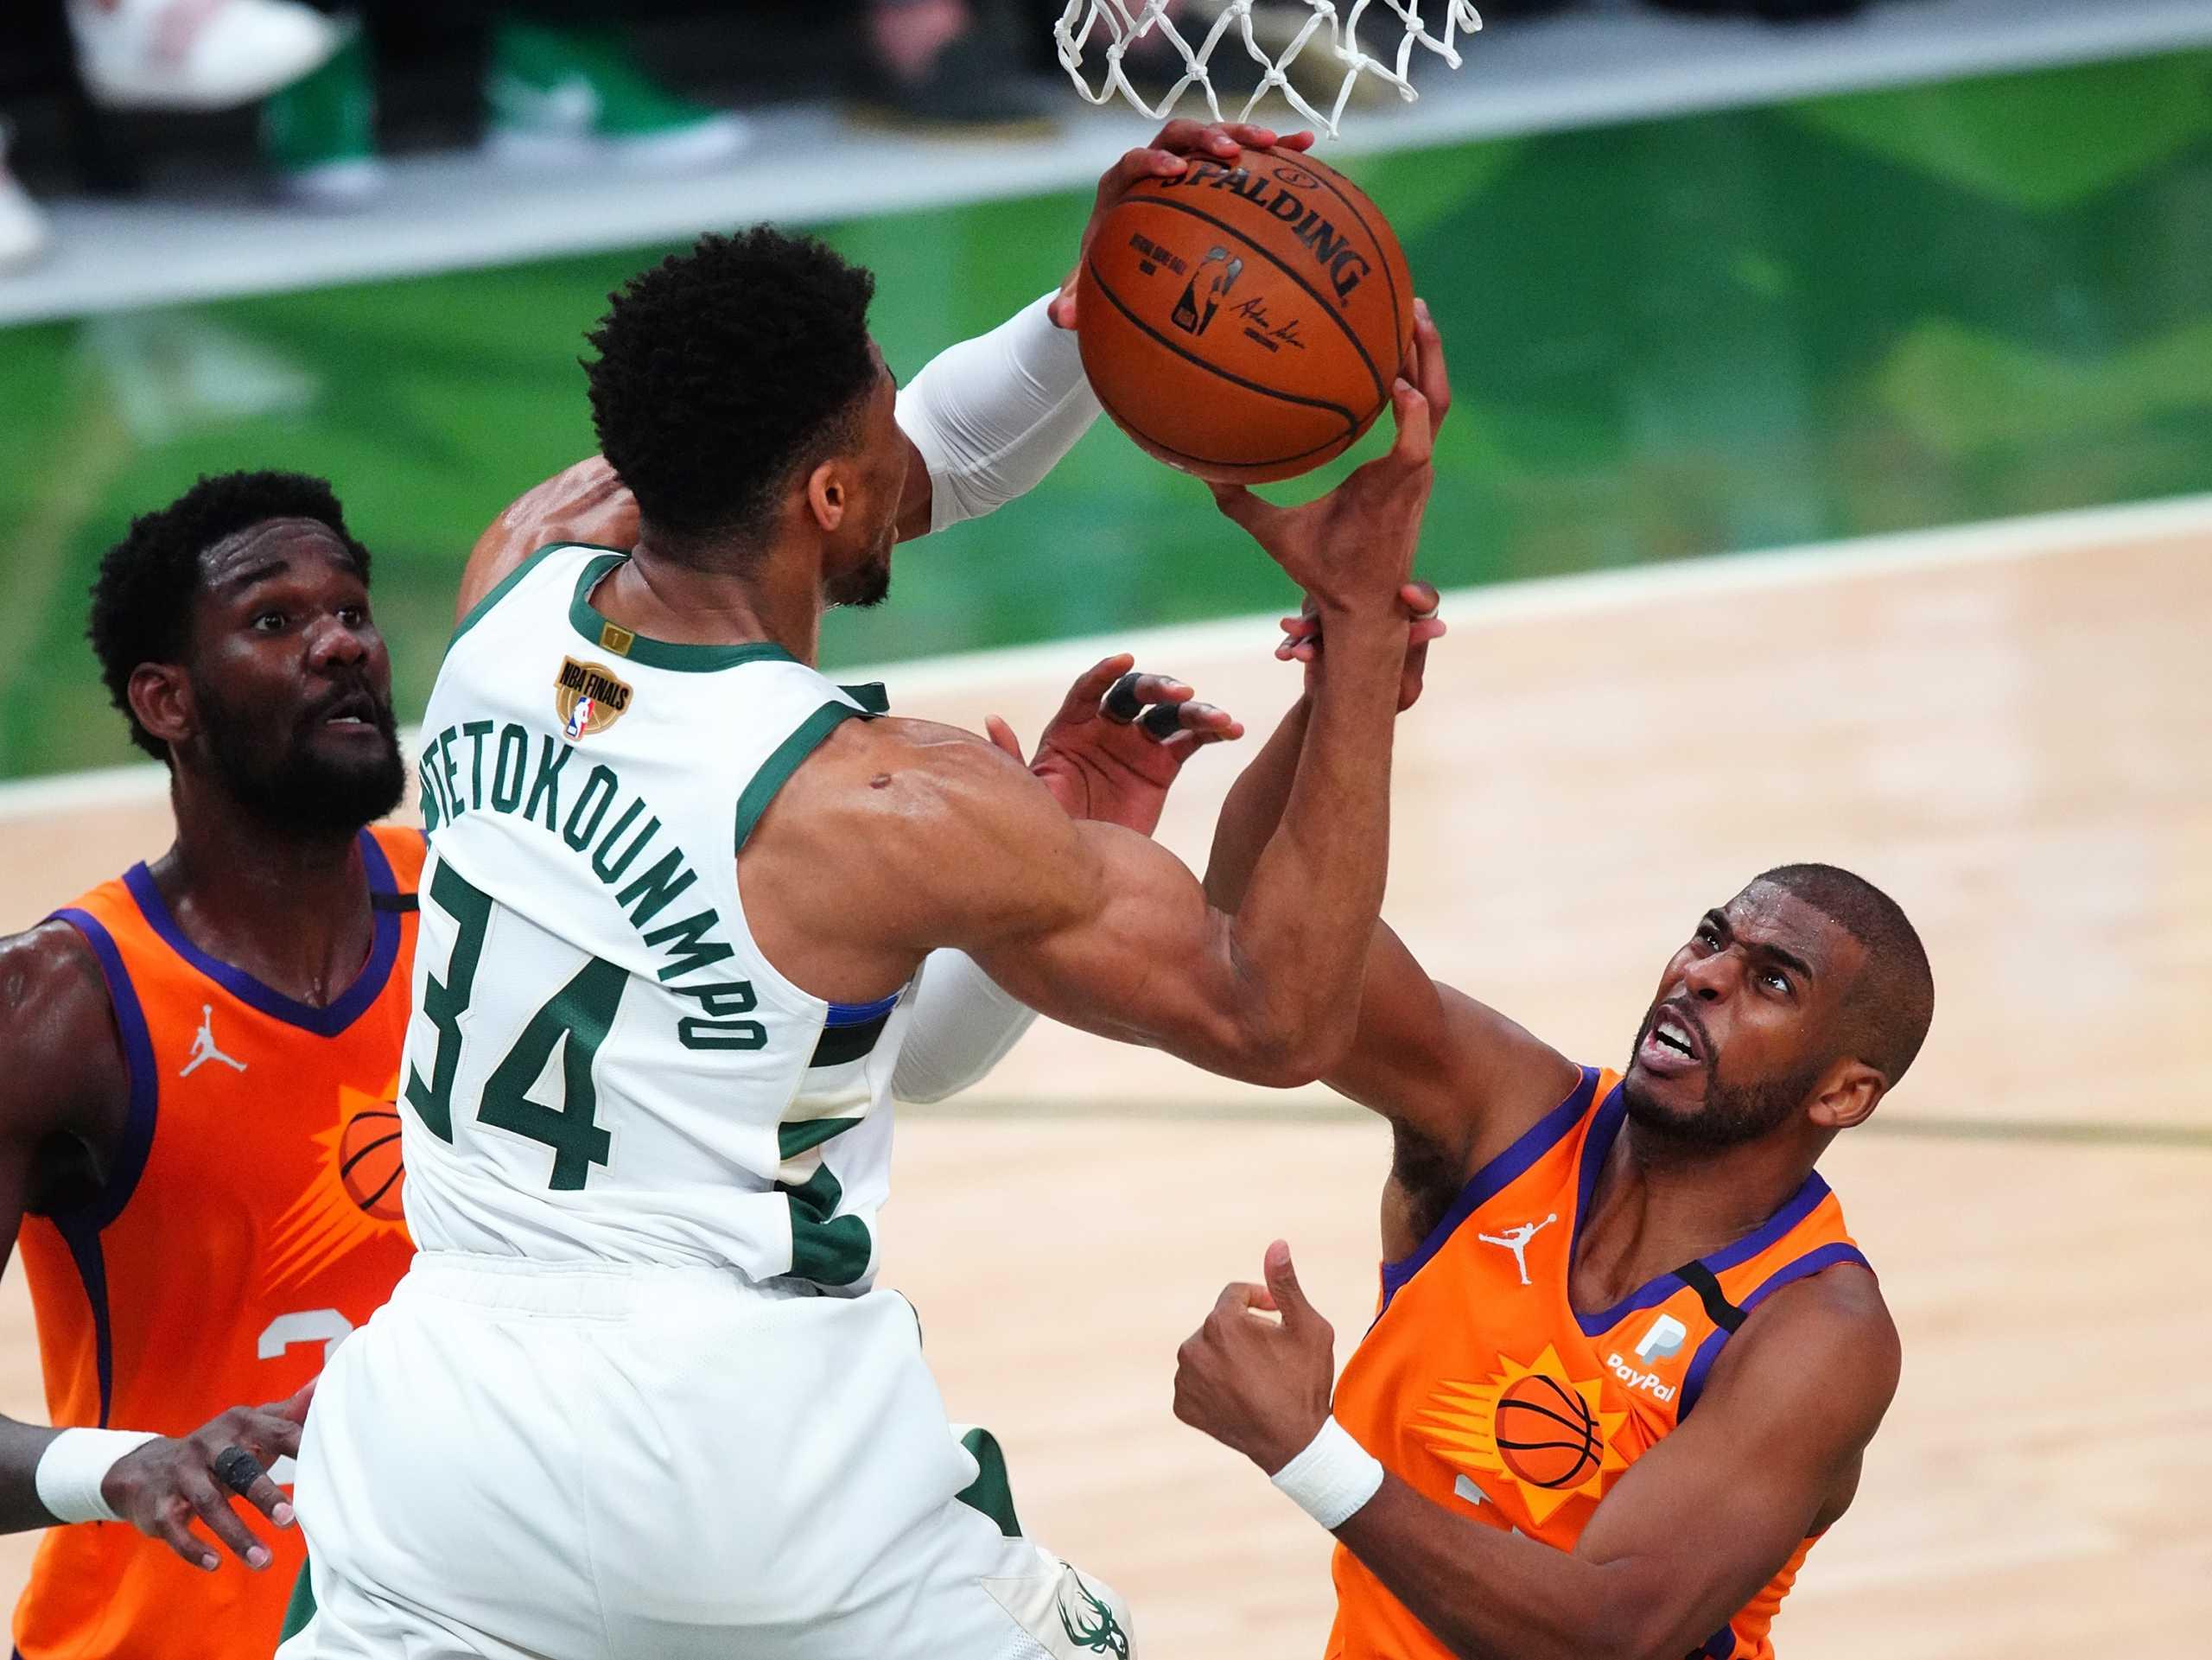 Τελικοί NBA: «Φωτιά» στην σειρά! Οι Μπακς ισοφάρισαν σε 2-2 τους Σανς σε ματς – θρίλερ